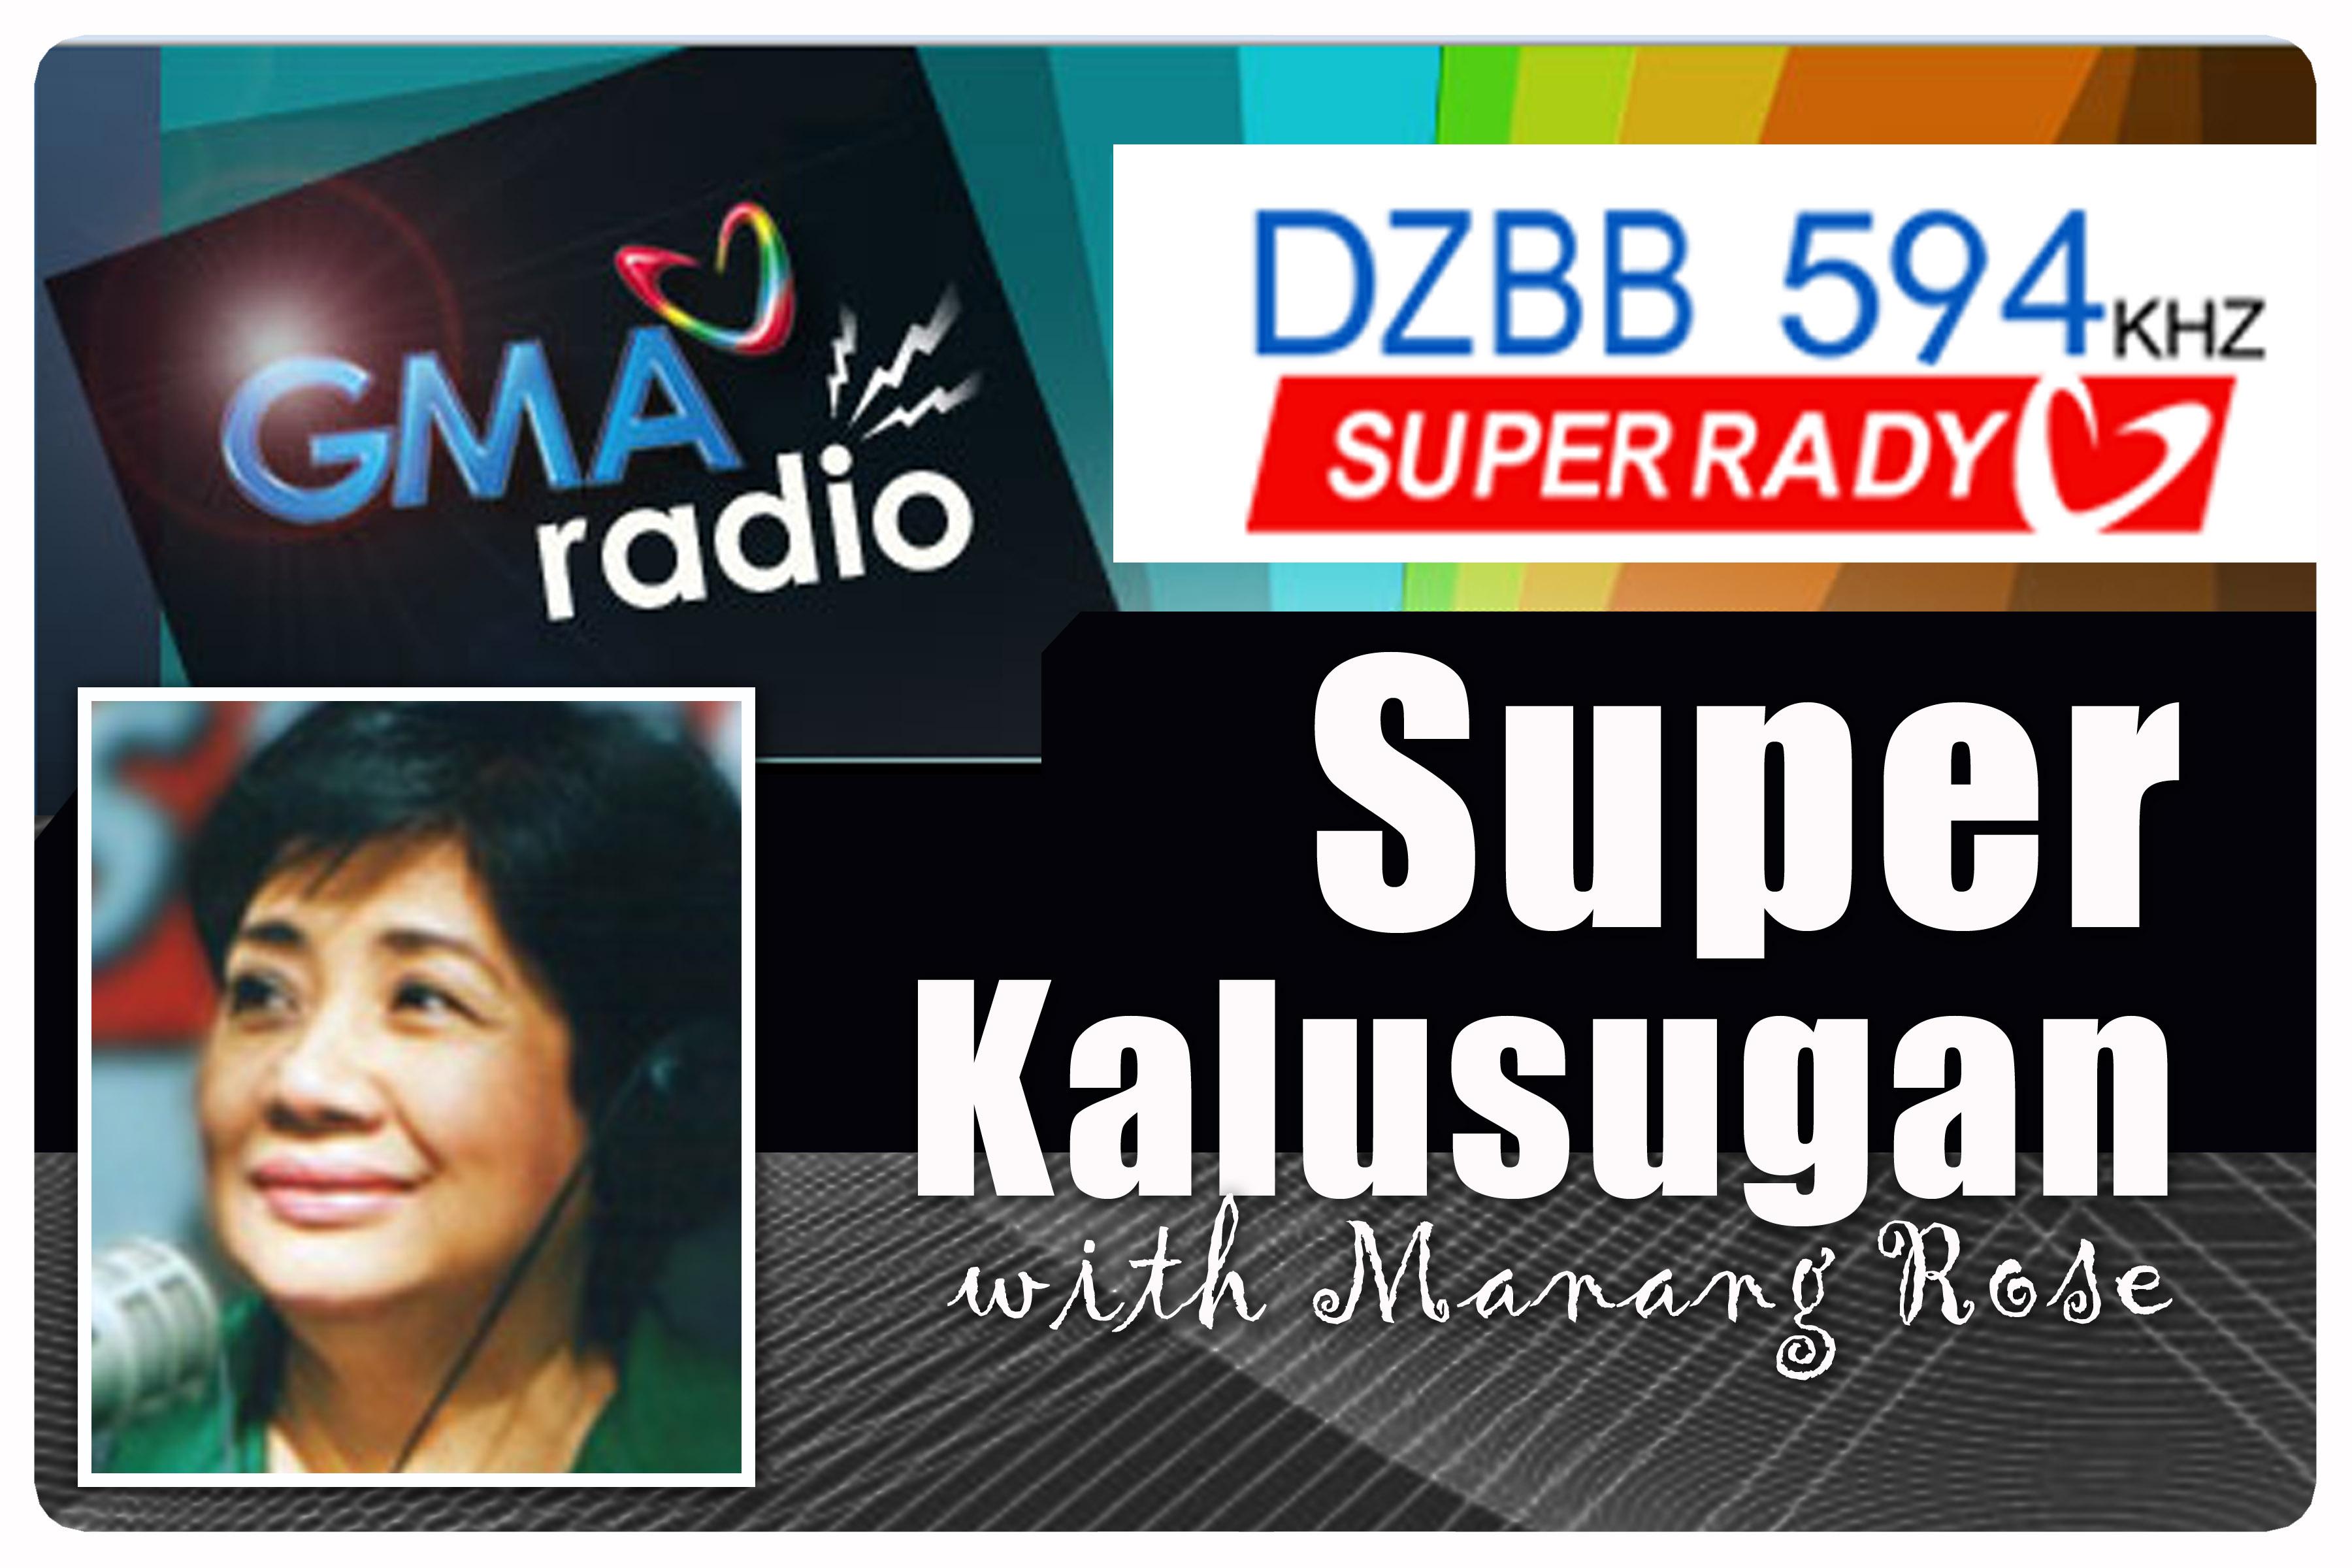 DZBB Bantay Kalusugan 2013 January